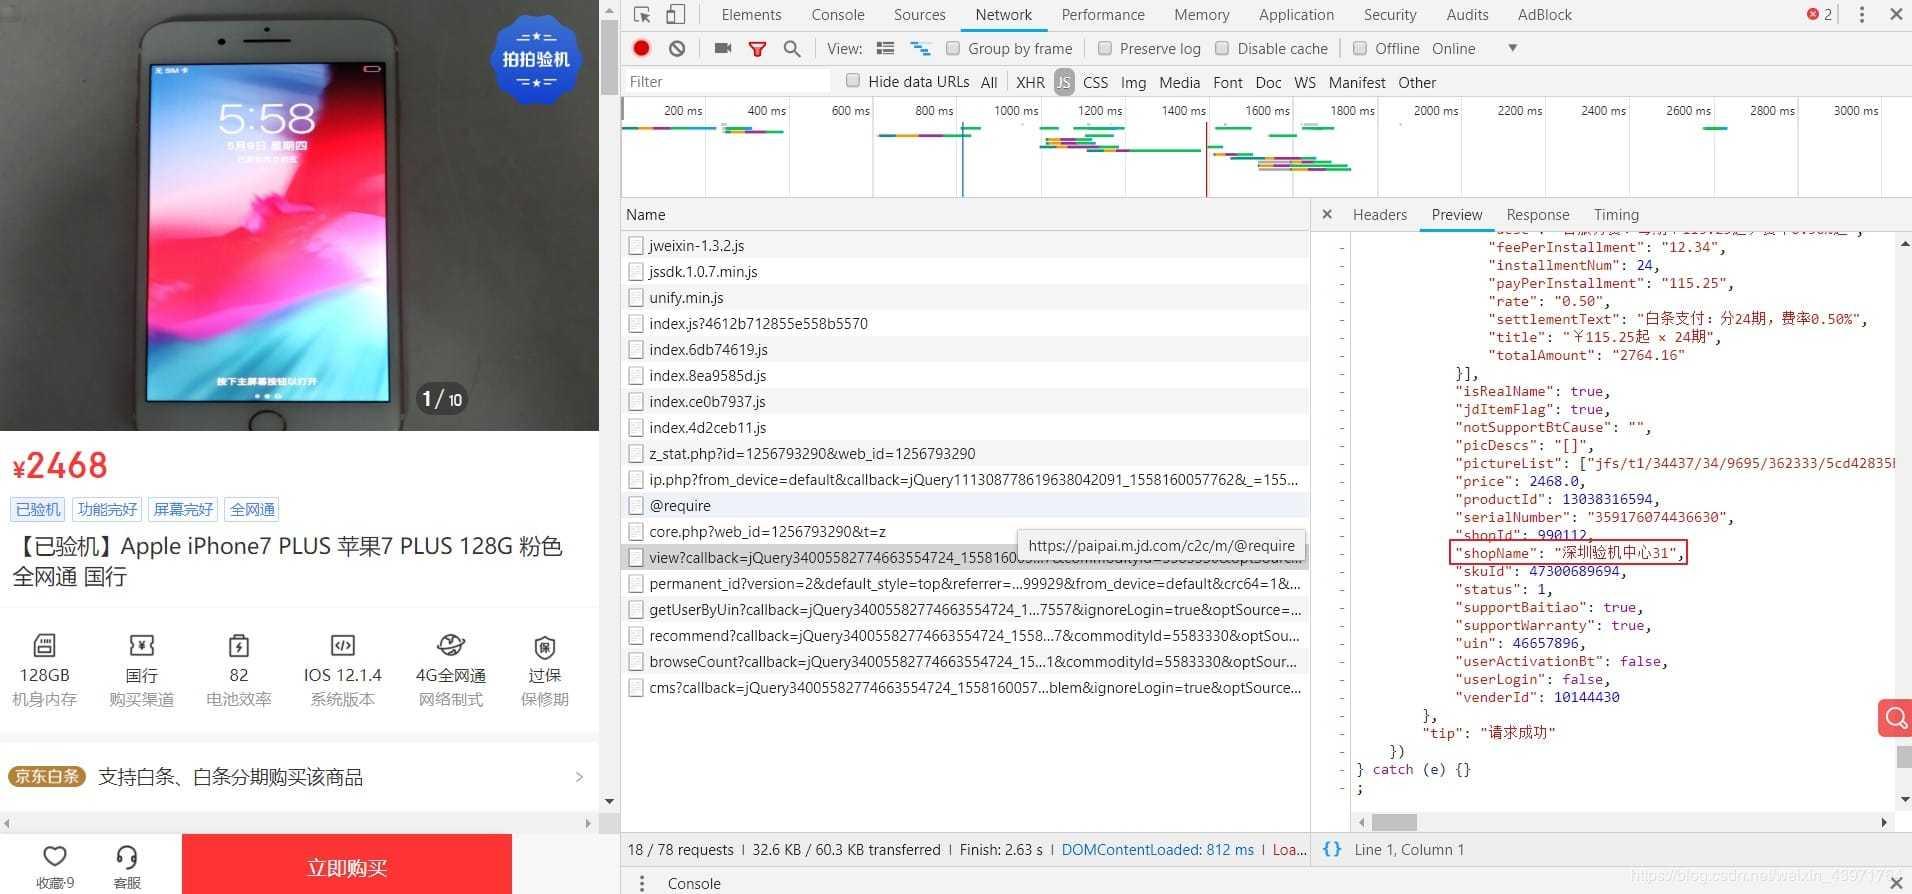 图8 单个商品json数据的结构